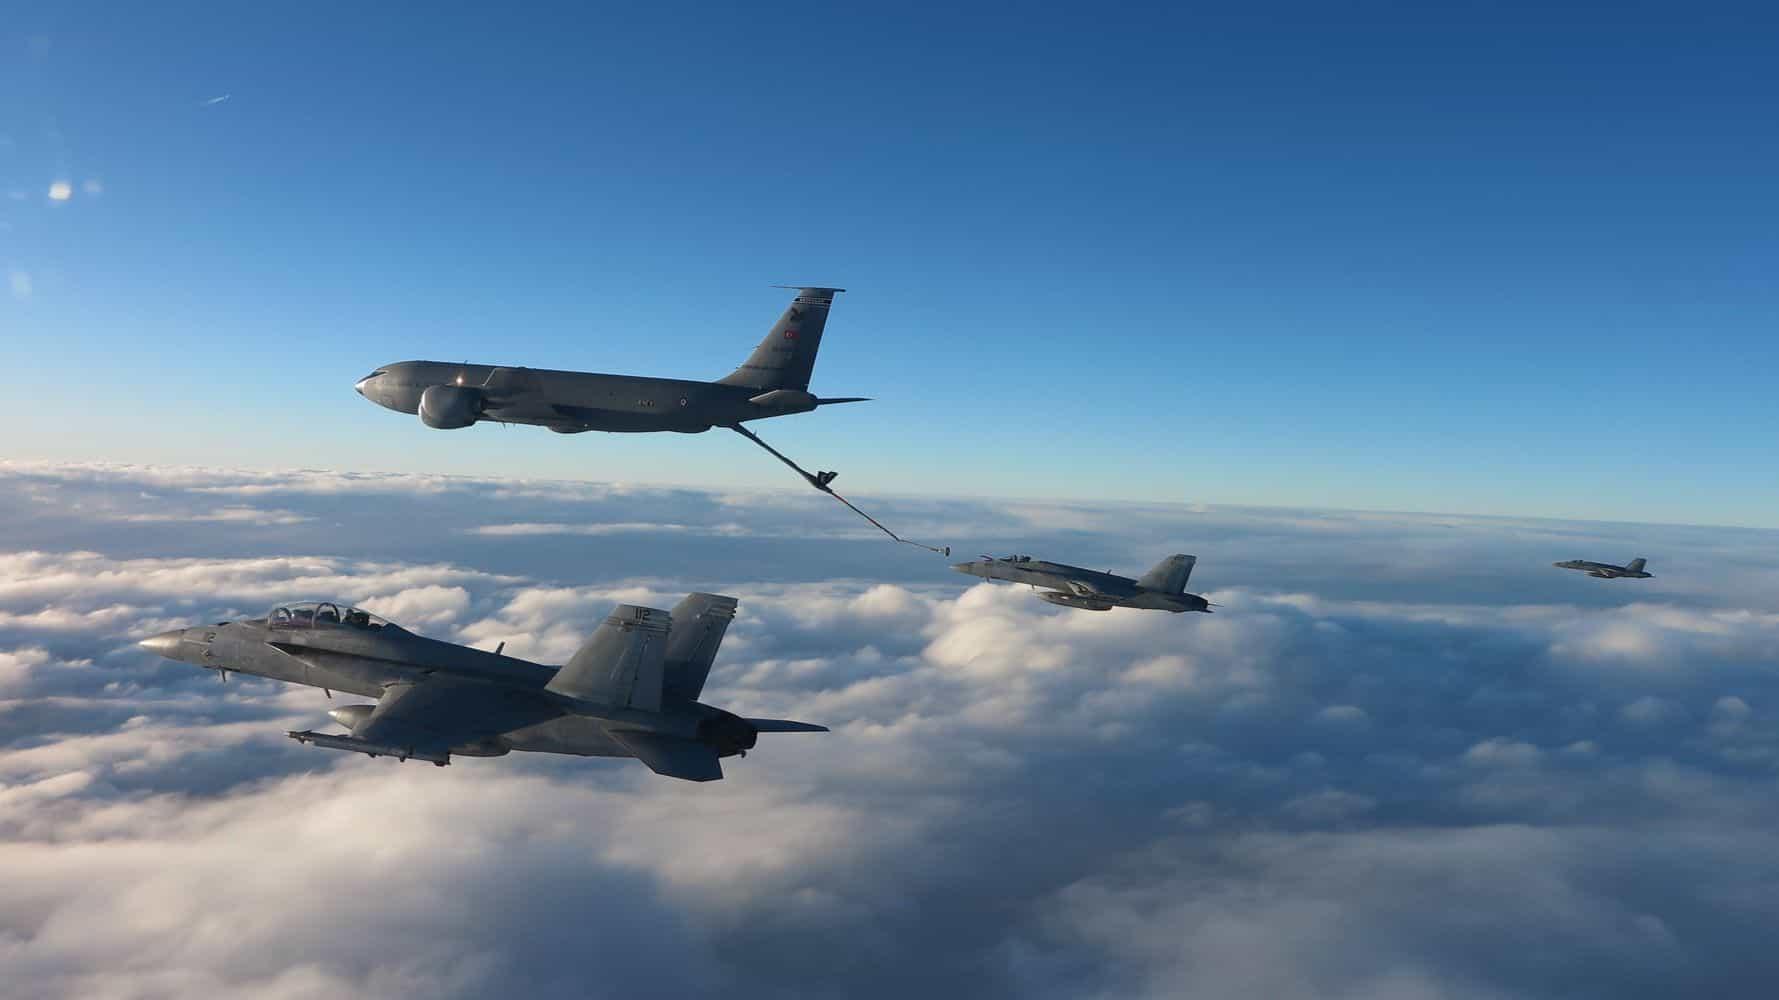 Винищувачі F/A-18 Super Hornet здійснюють дозаправку над Чорним морем